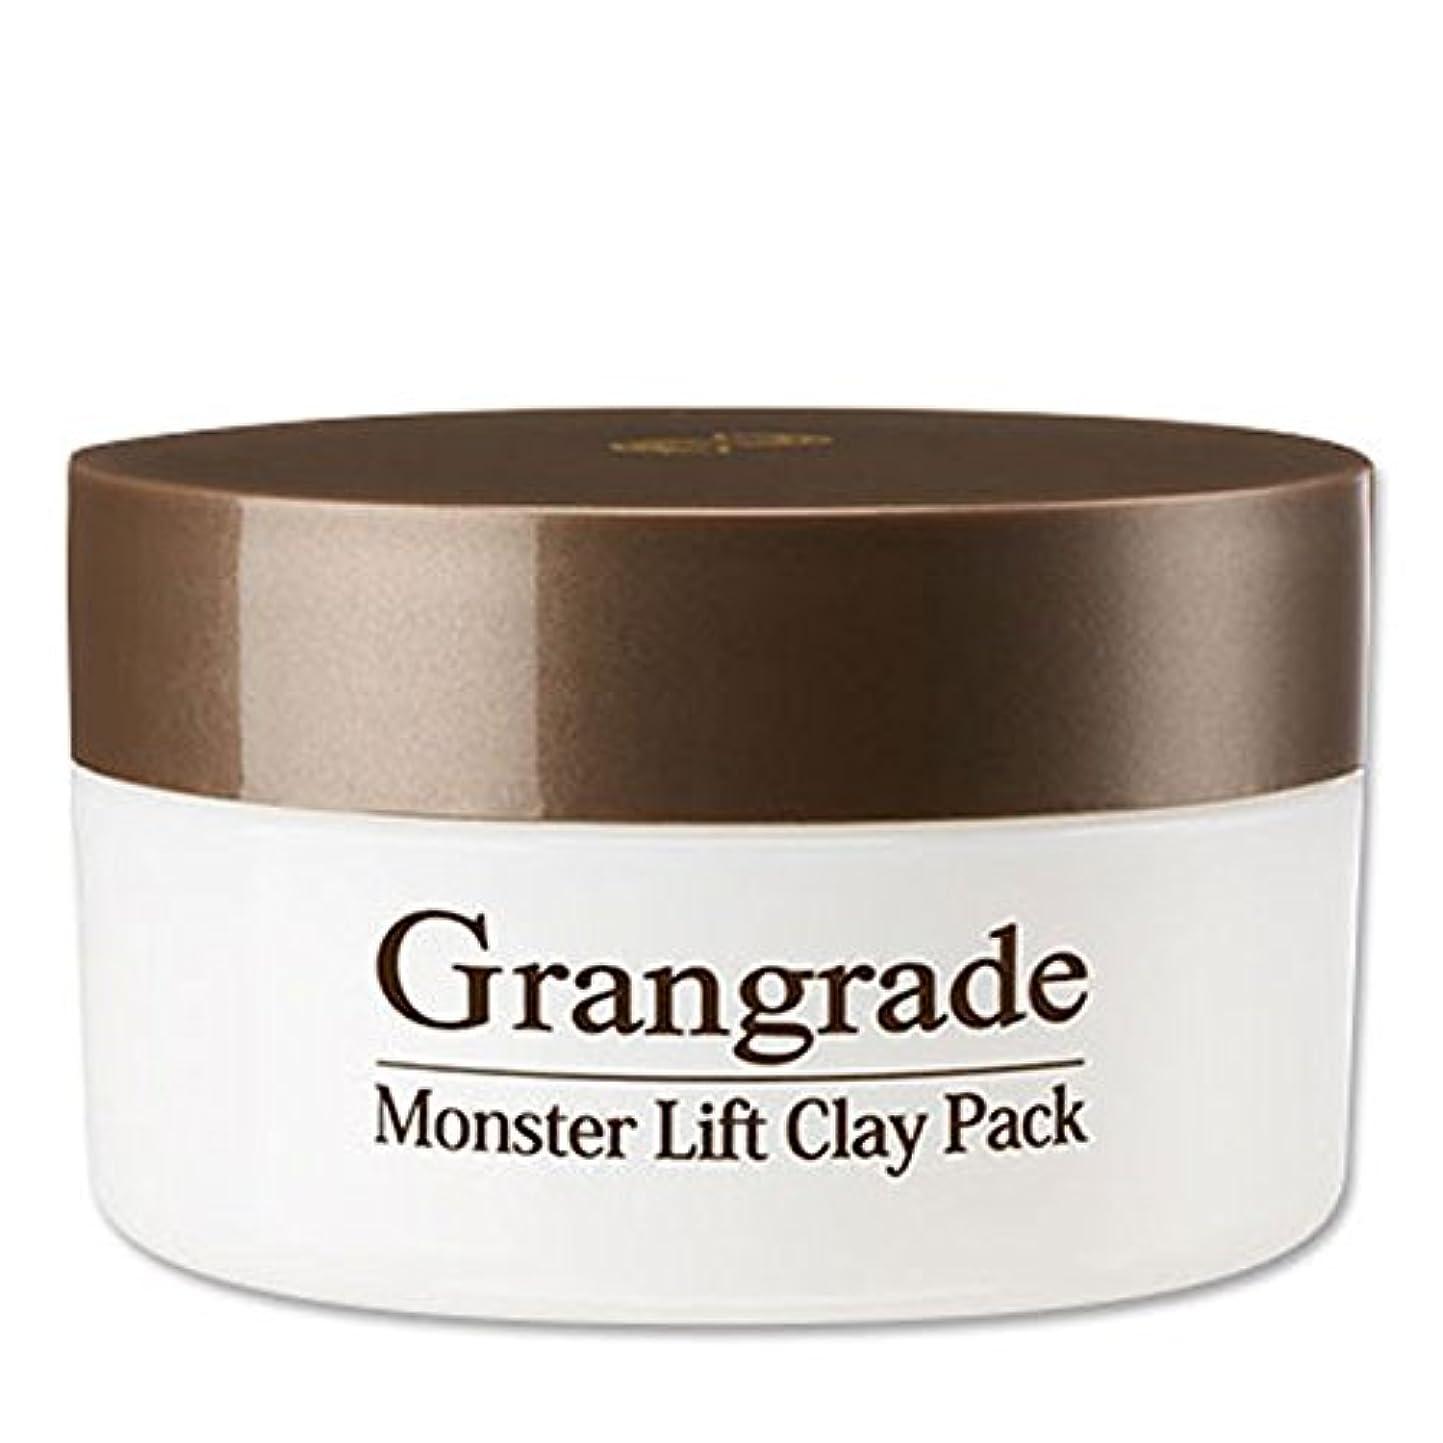 再発するたるみ執着Grangrade グラングレイ モンスターリフトクレイパック